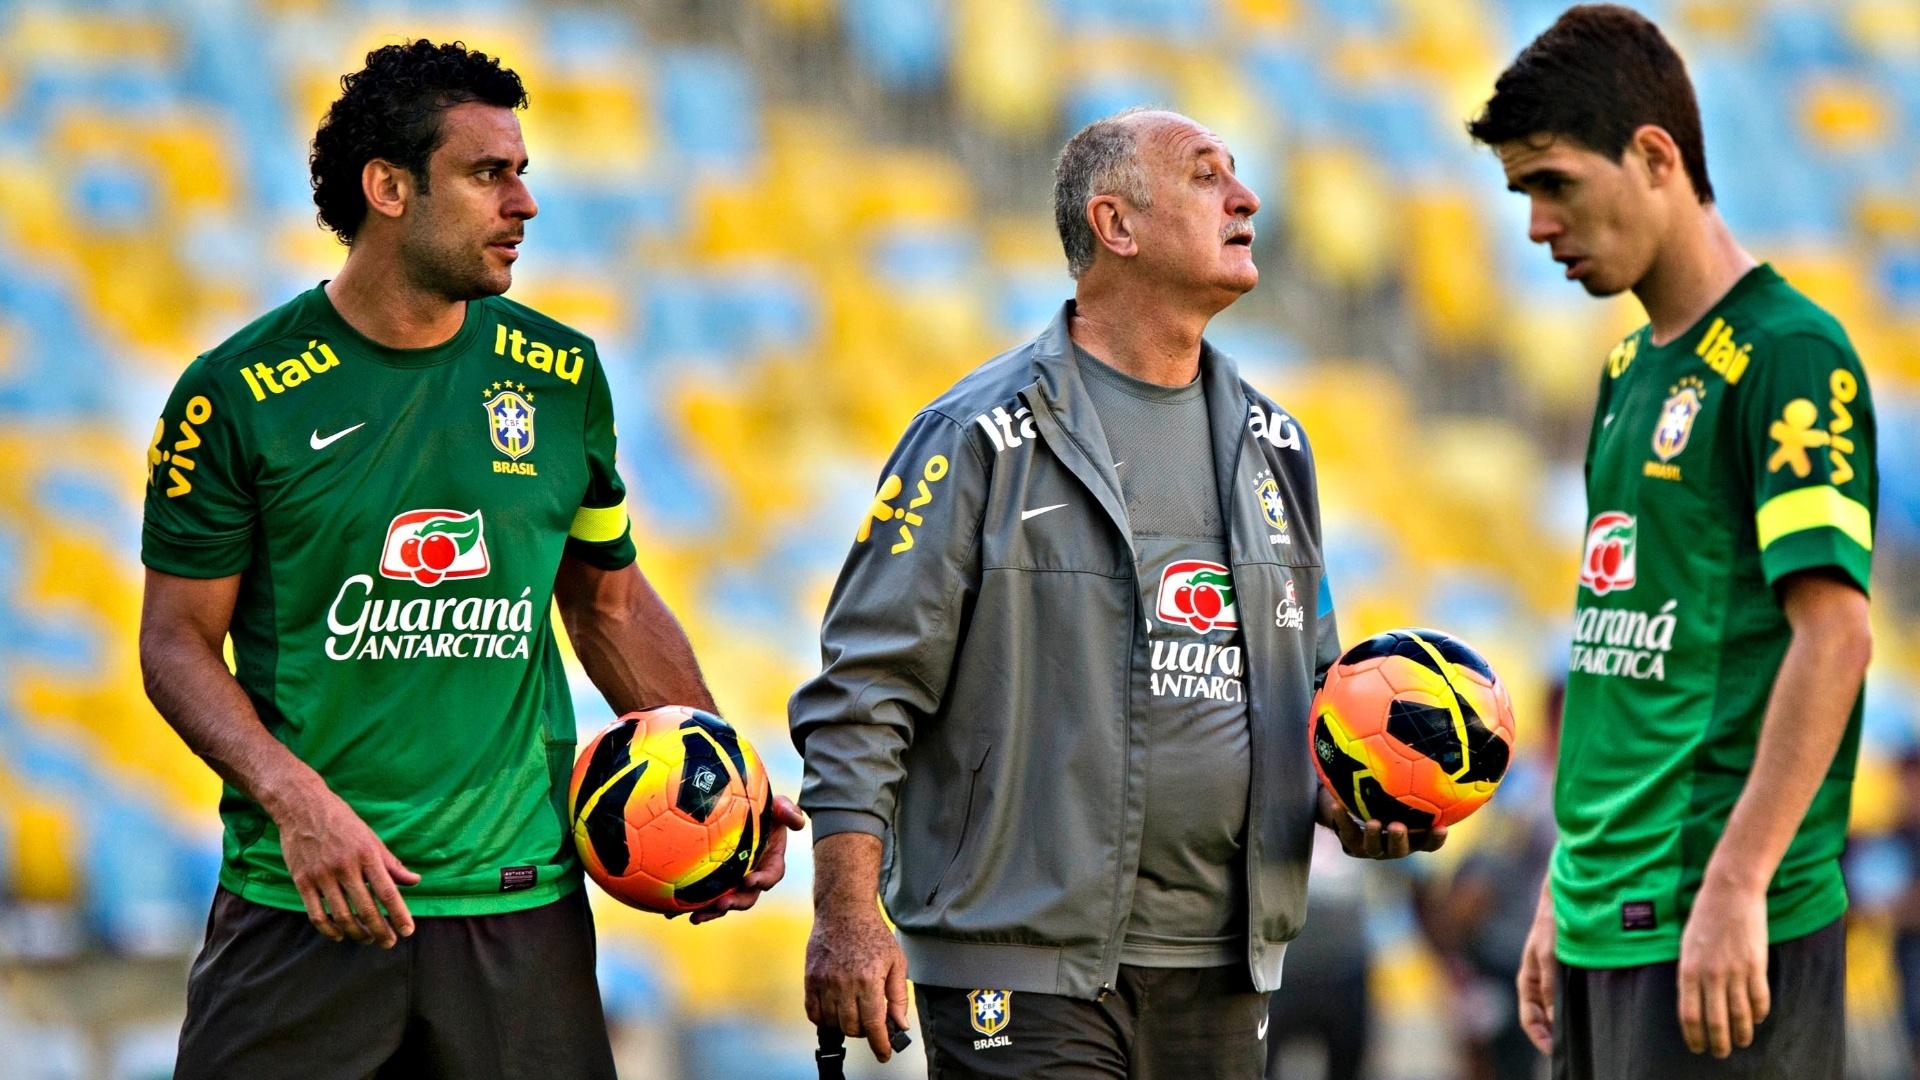 1º.jun.2013 - Técnico Luiz Felipe Scolari conversa com os jogadores no último treino da seleção antes do amistoso contra a Inglaterra